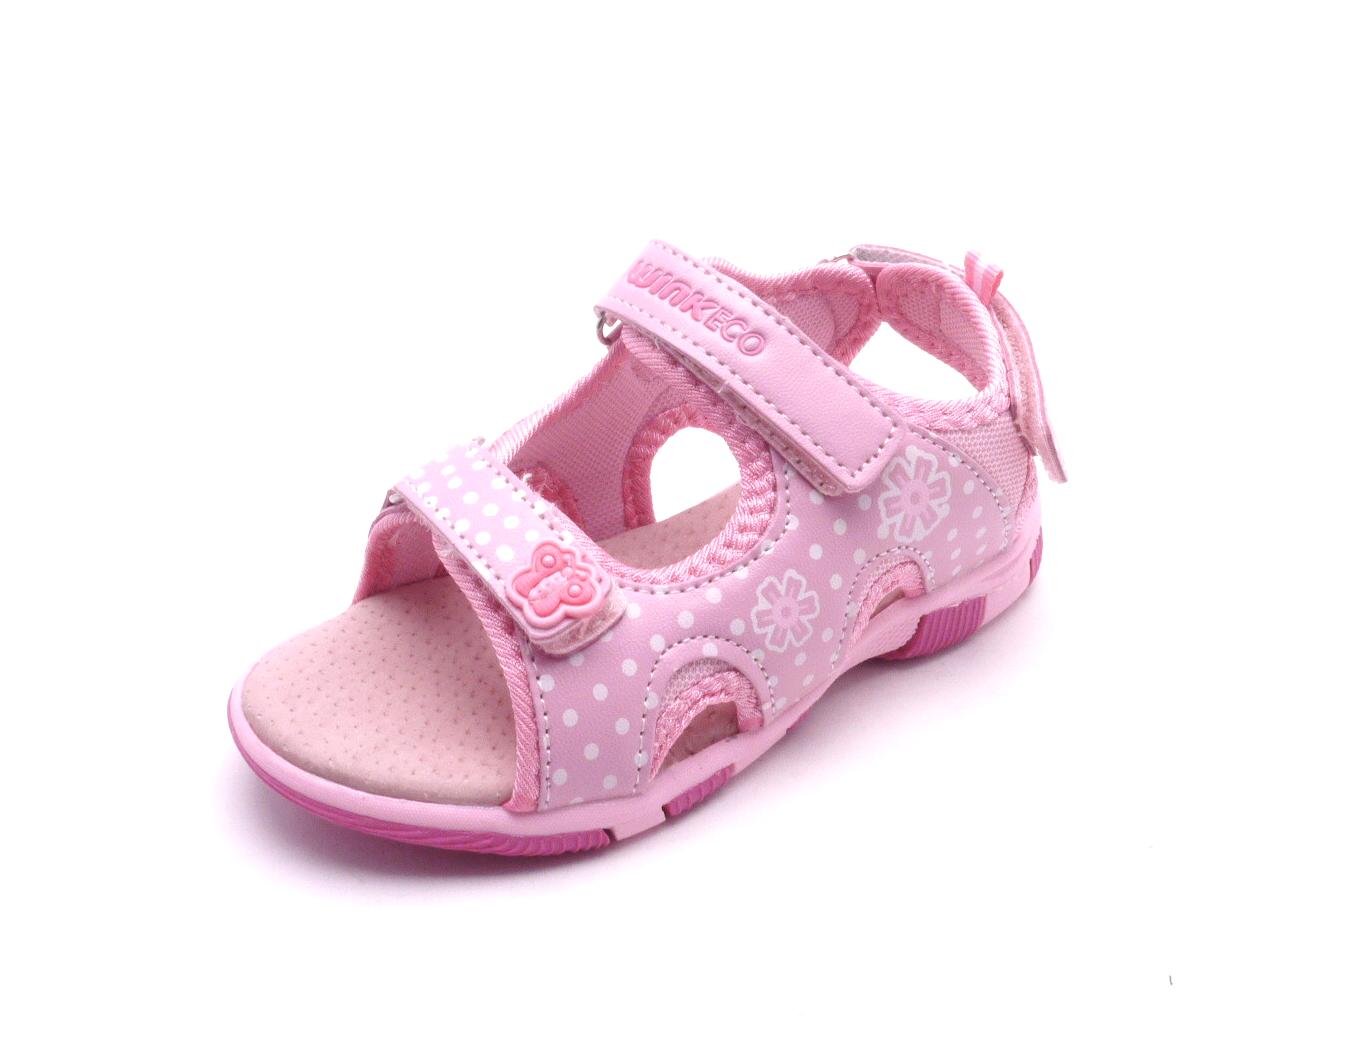 Wink Dětské sandálky pink SG81812-12-1 Velikost  27 a1e946e772b